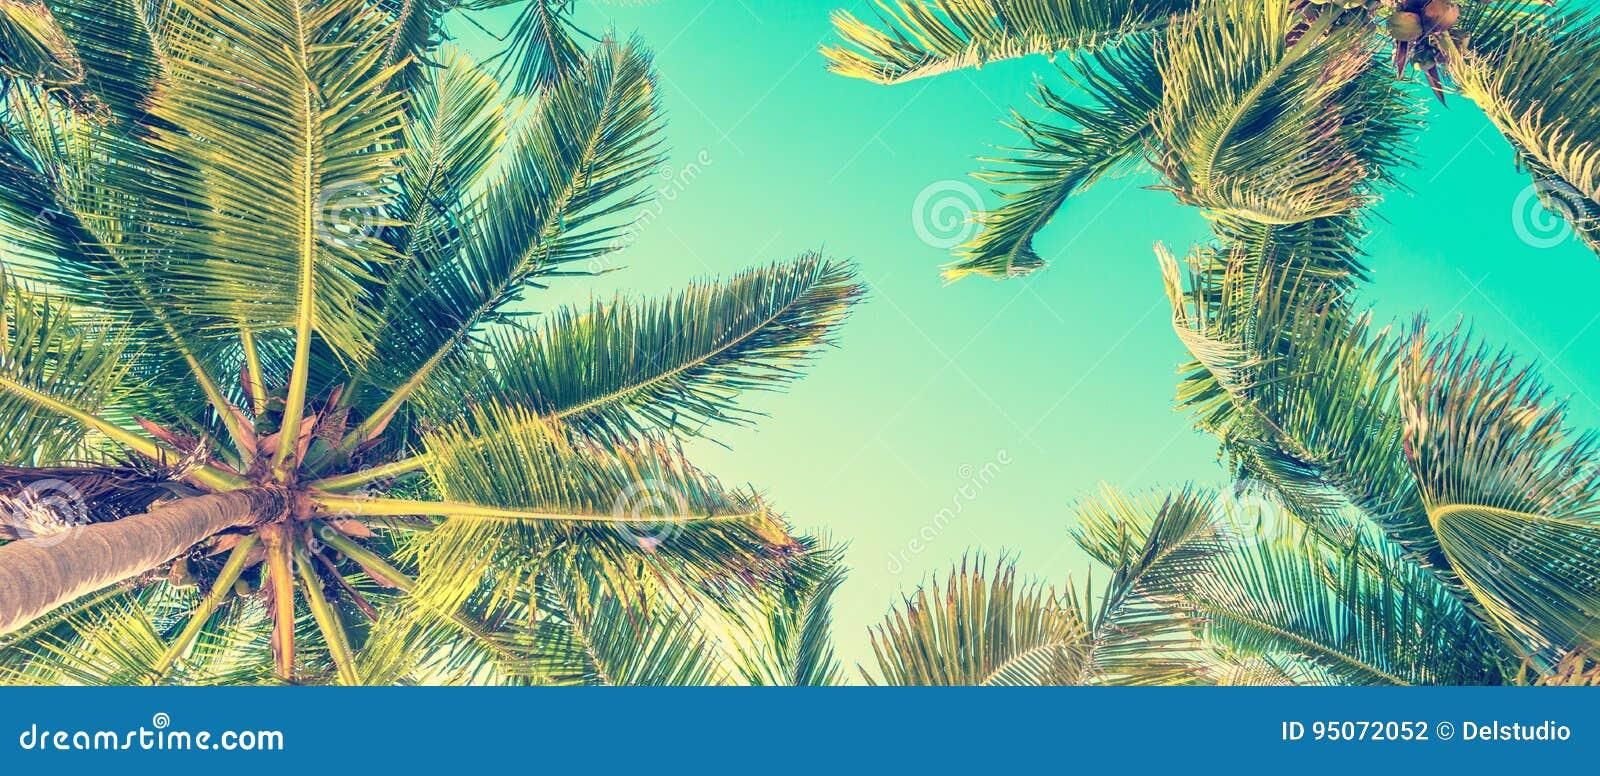 Céu azul e opinião de palmeiras de baixo de, estilo do vintage, fundo panorâmico do verão